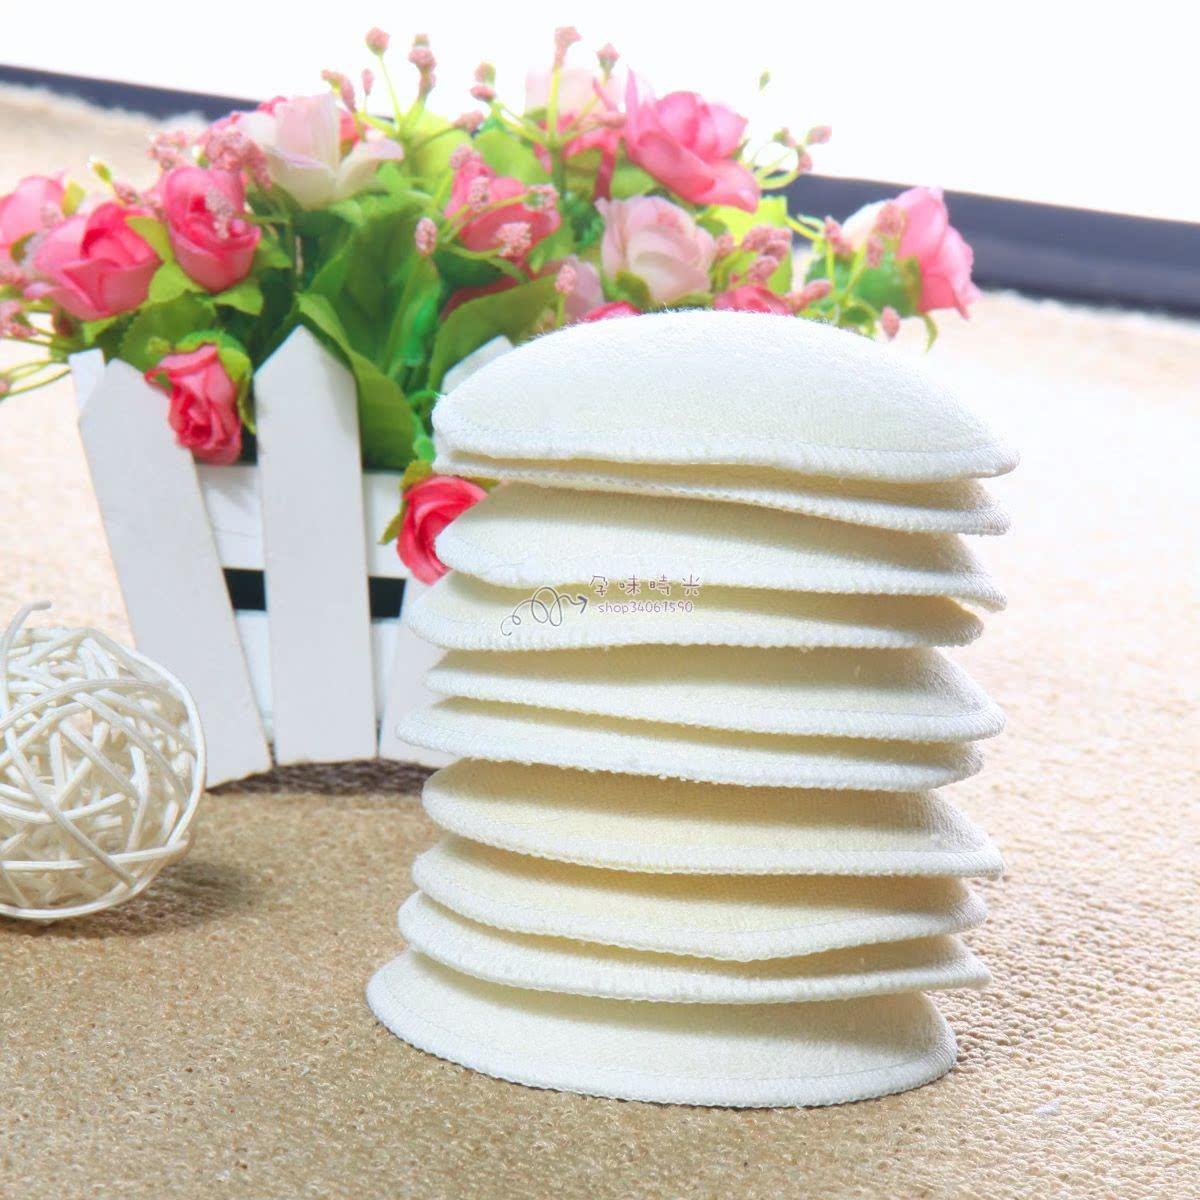 孕产妇月子常备可换洗立体定型加厚孕妇溢乳垫 4片装纯棉实用